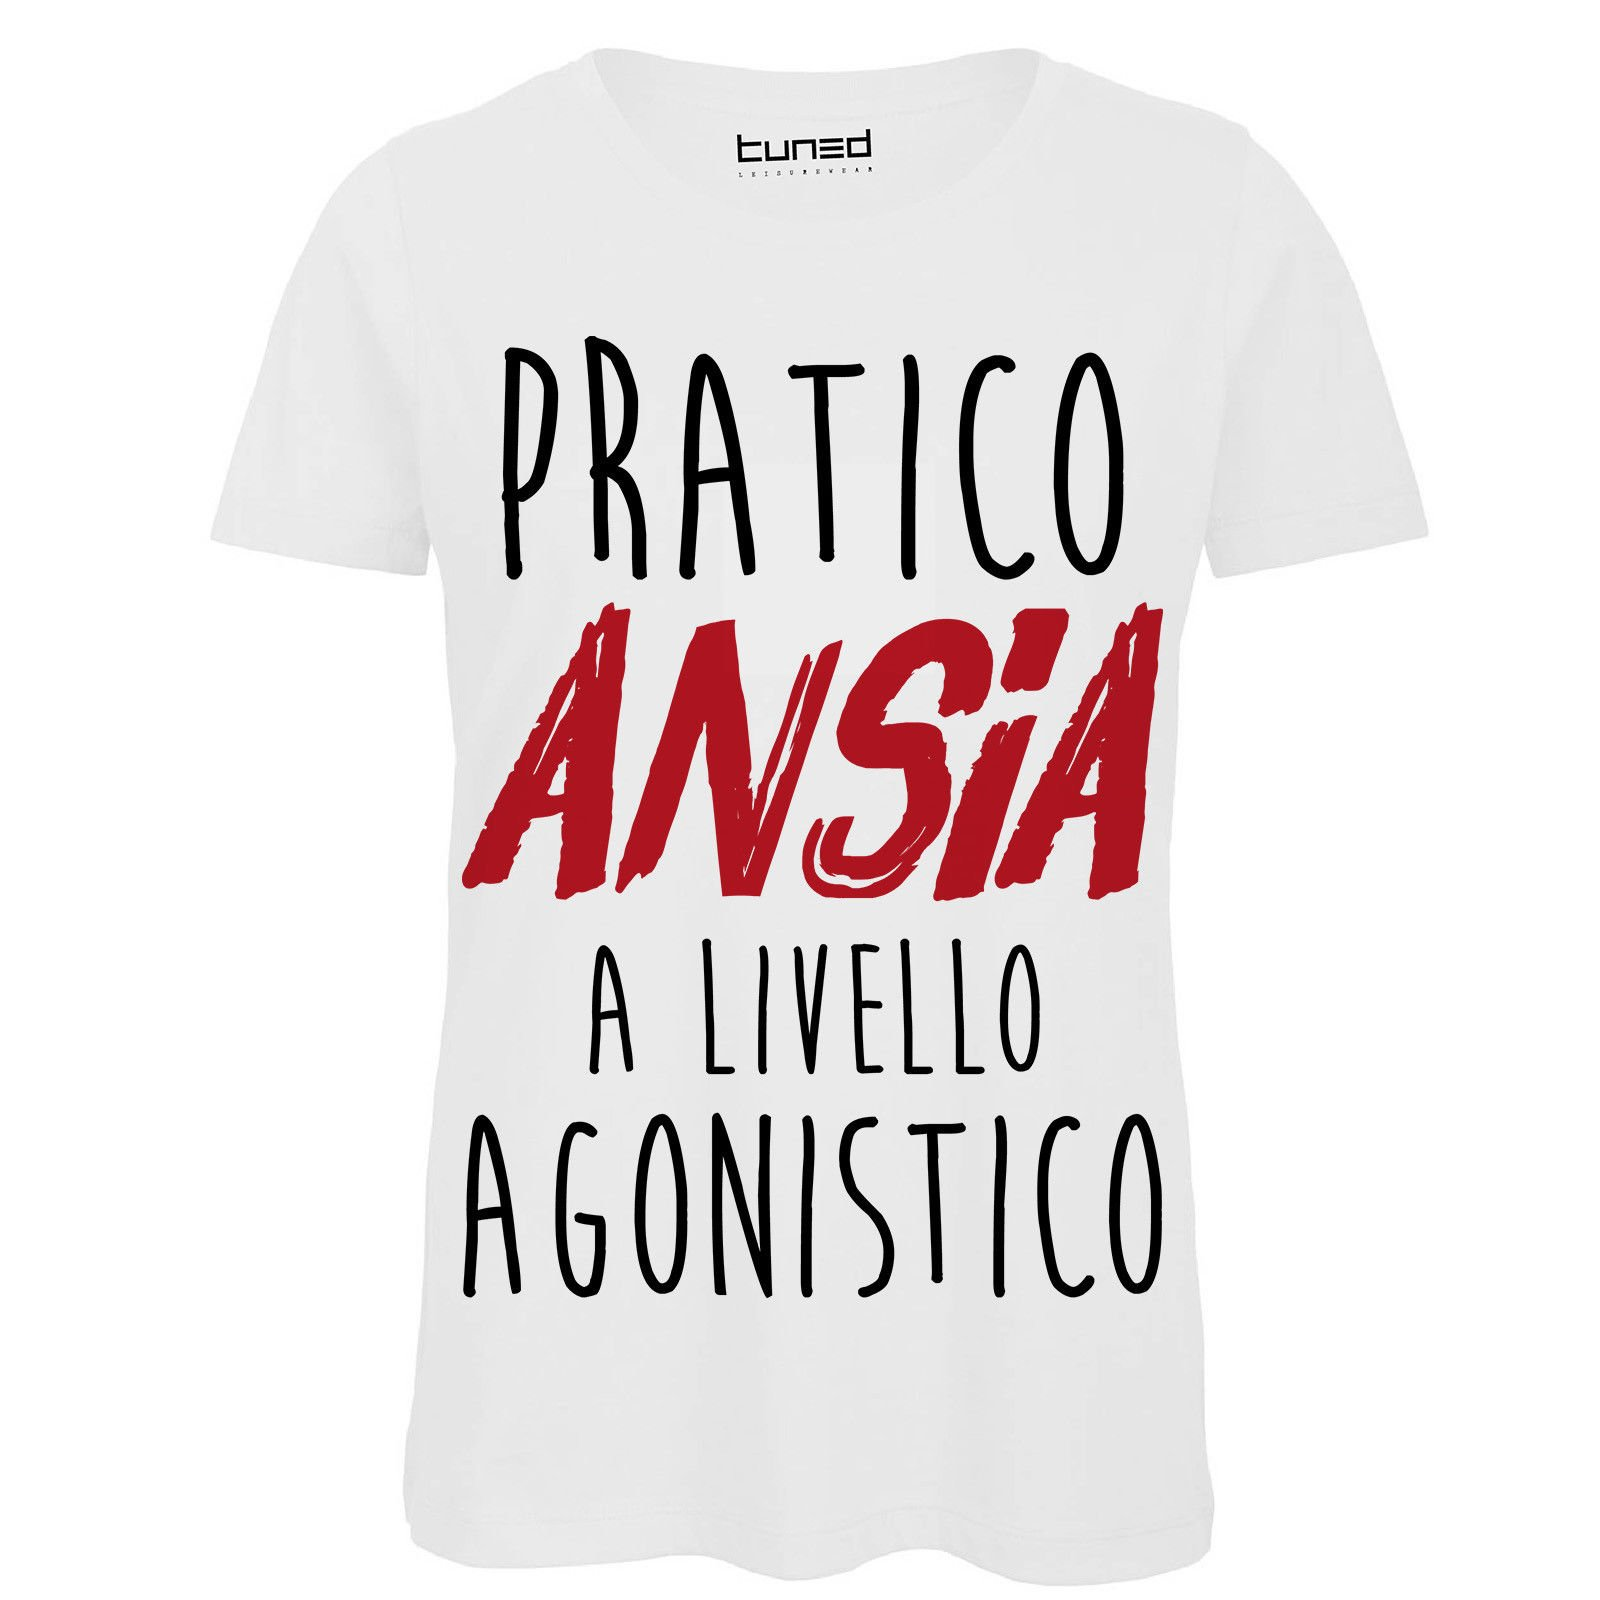 CHEMAGLIETTE! T-Shirt Divertente Donna Maglietta con Stampa Frasi Ironiche Pratico ansia Tuned